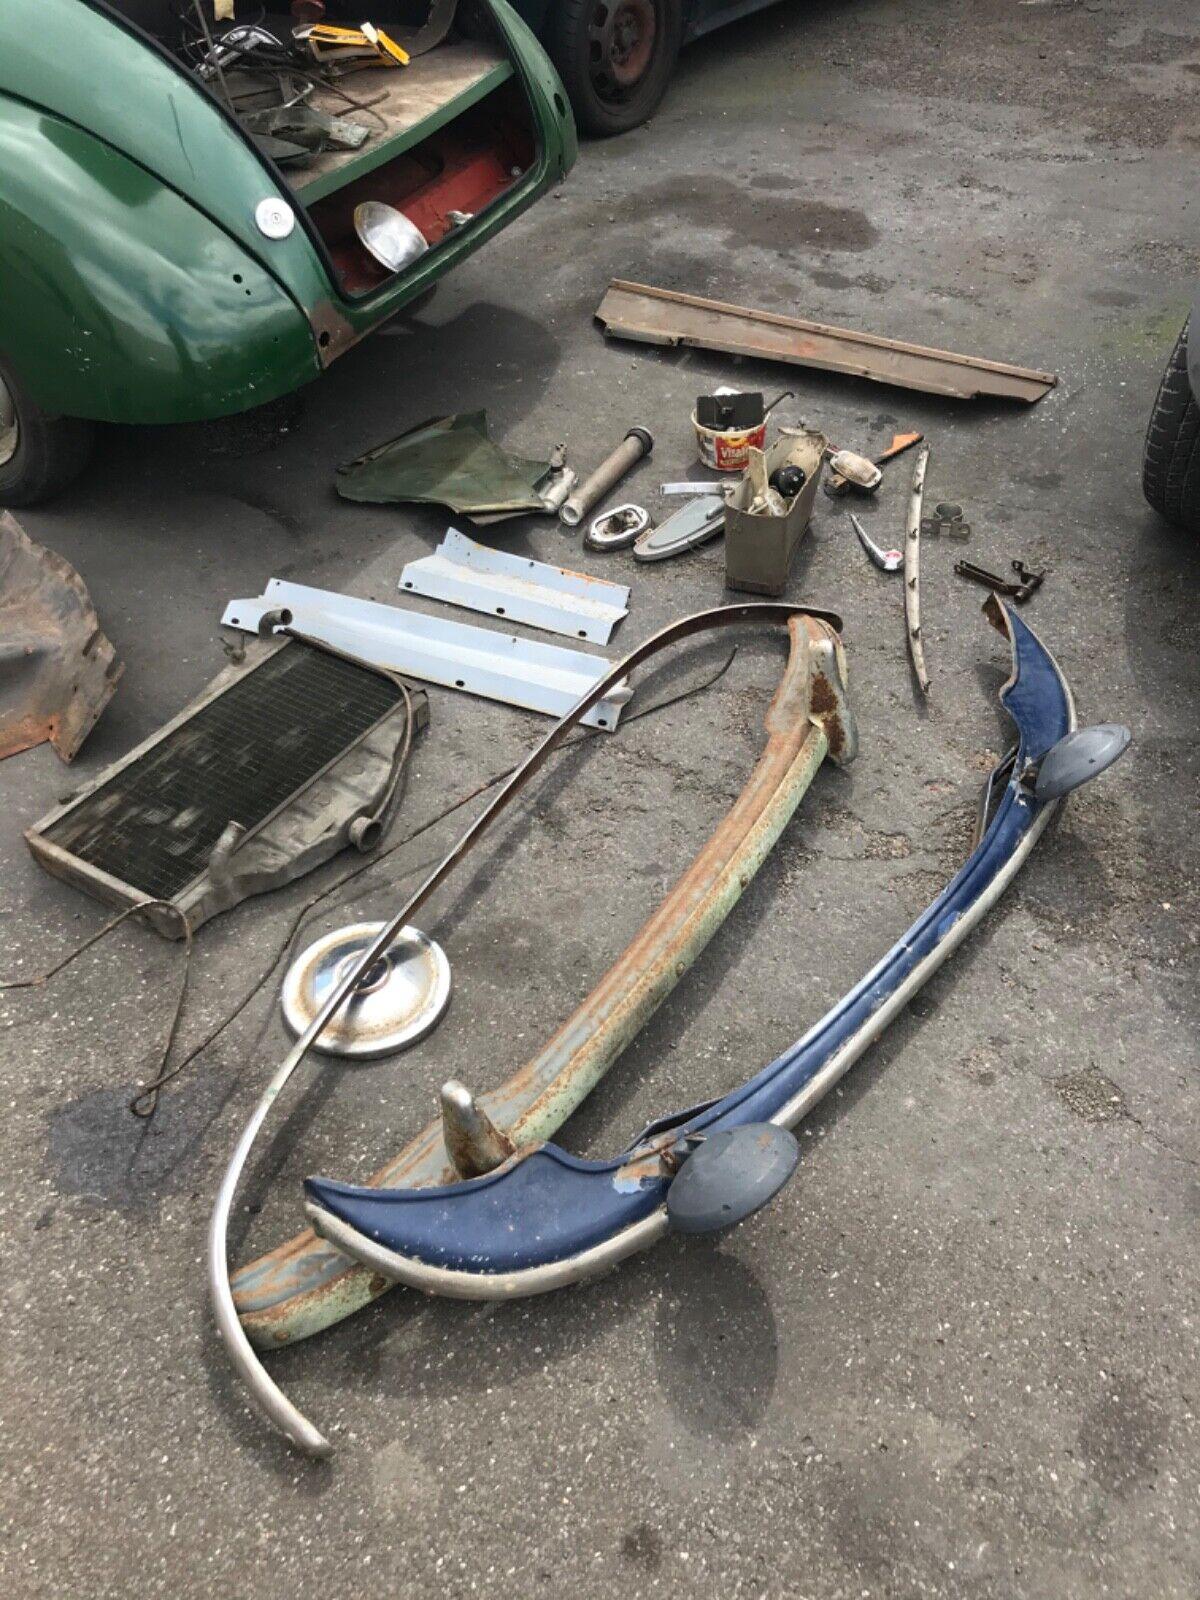 Barn-find-Morris-split-screen-Morris-1000-Spares-or-repairs-Hot-rod-Rat-rod